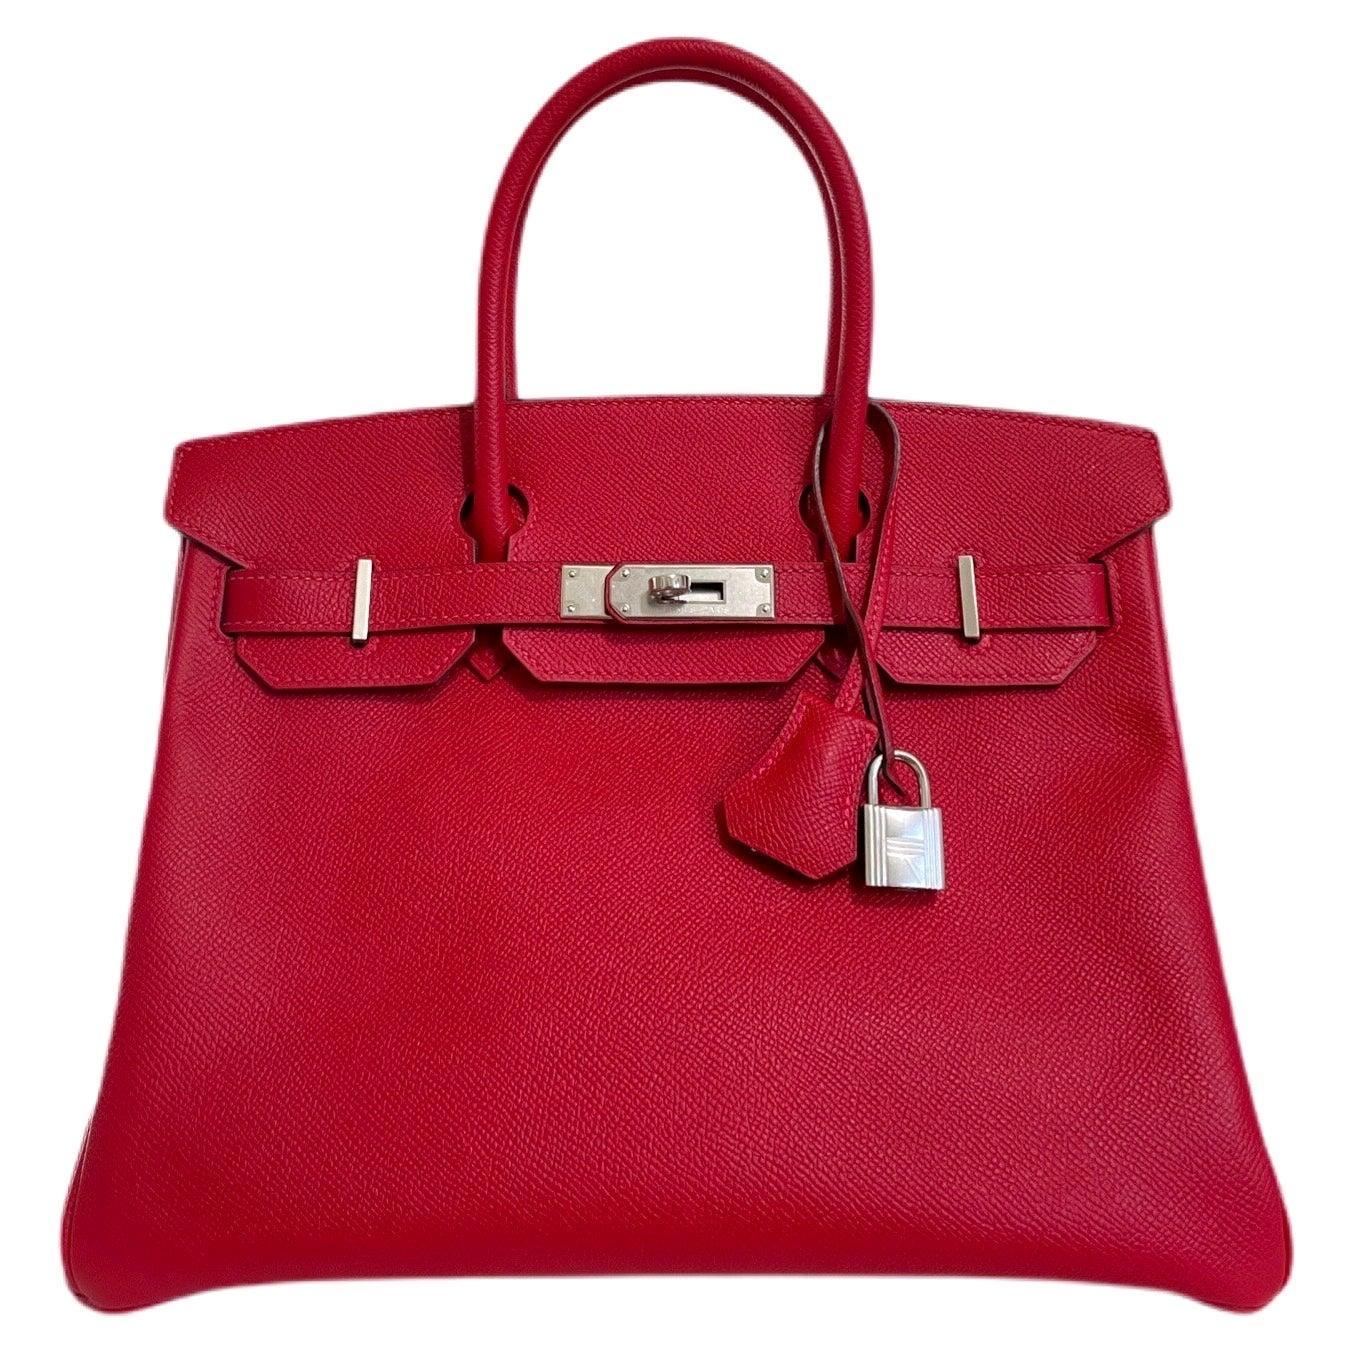 Hermes Birkin 30 Rouge Casaque Red Epsom Leather Palladium Hardware